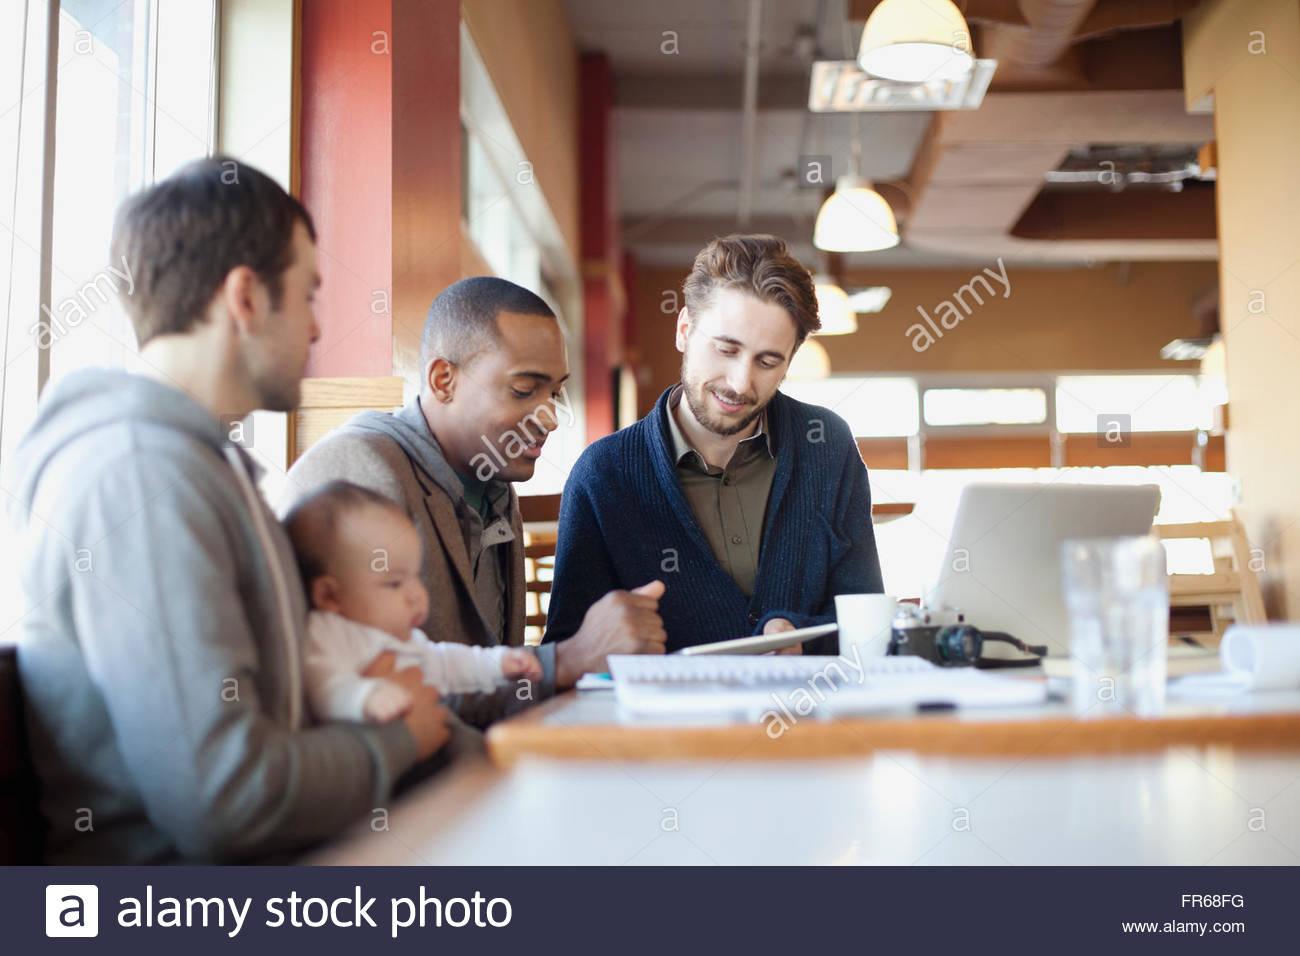 Amici di sesso maschile in discussione a pranzo Immagini Stock